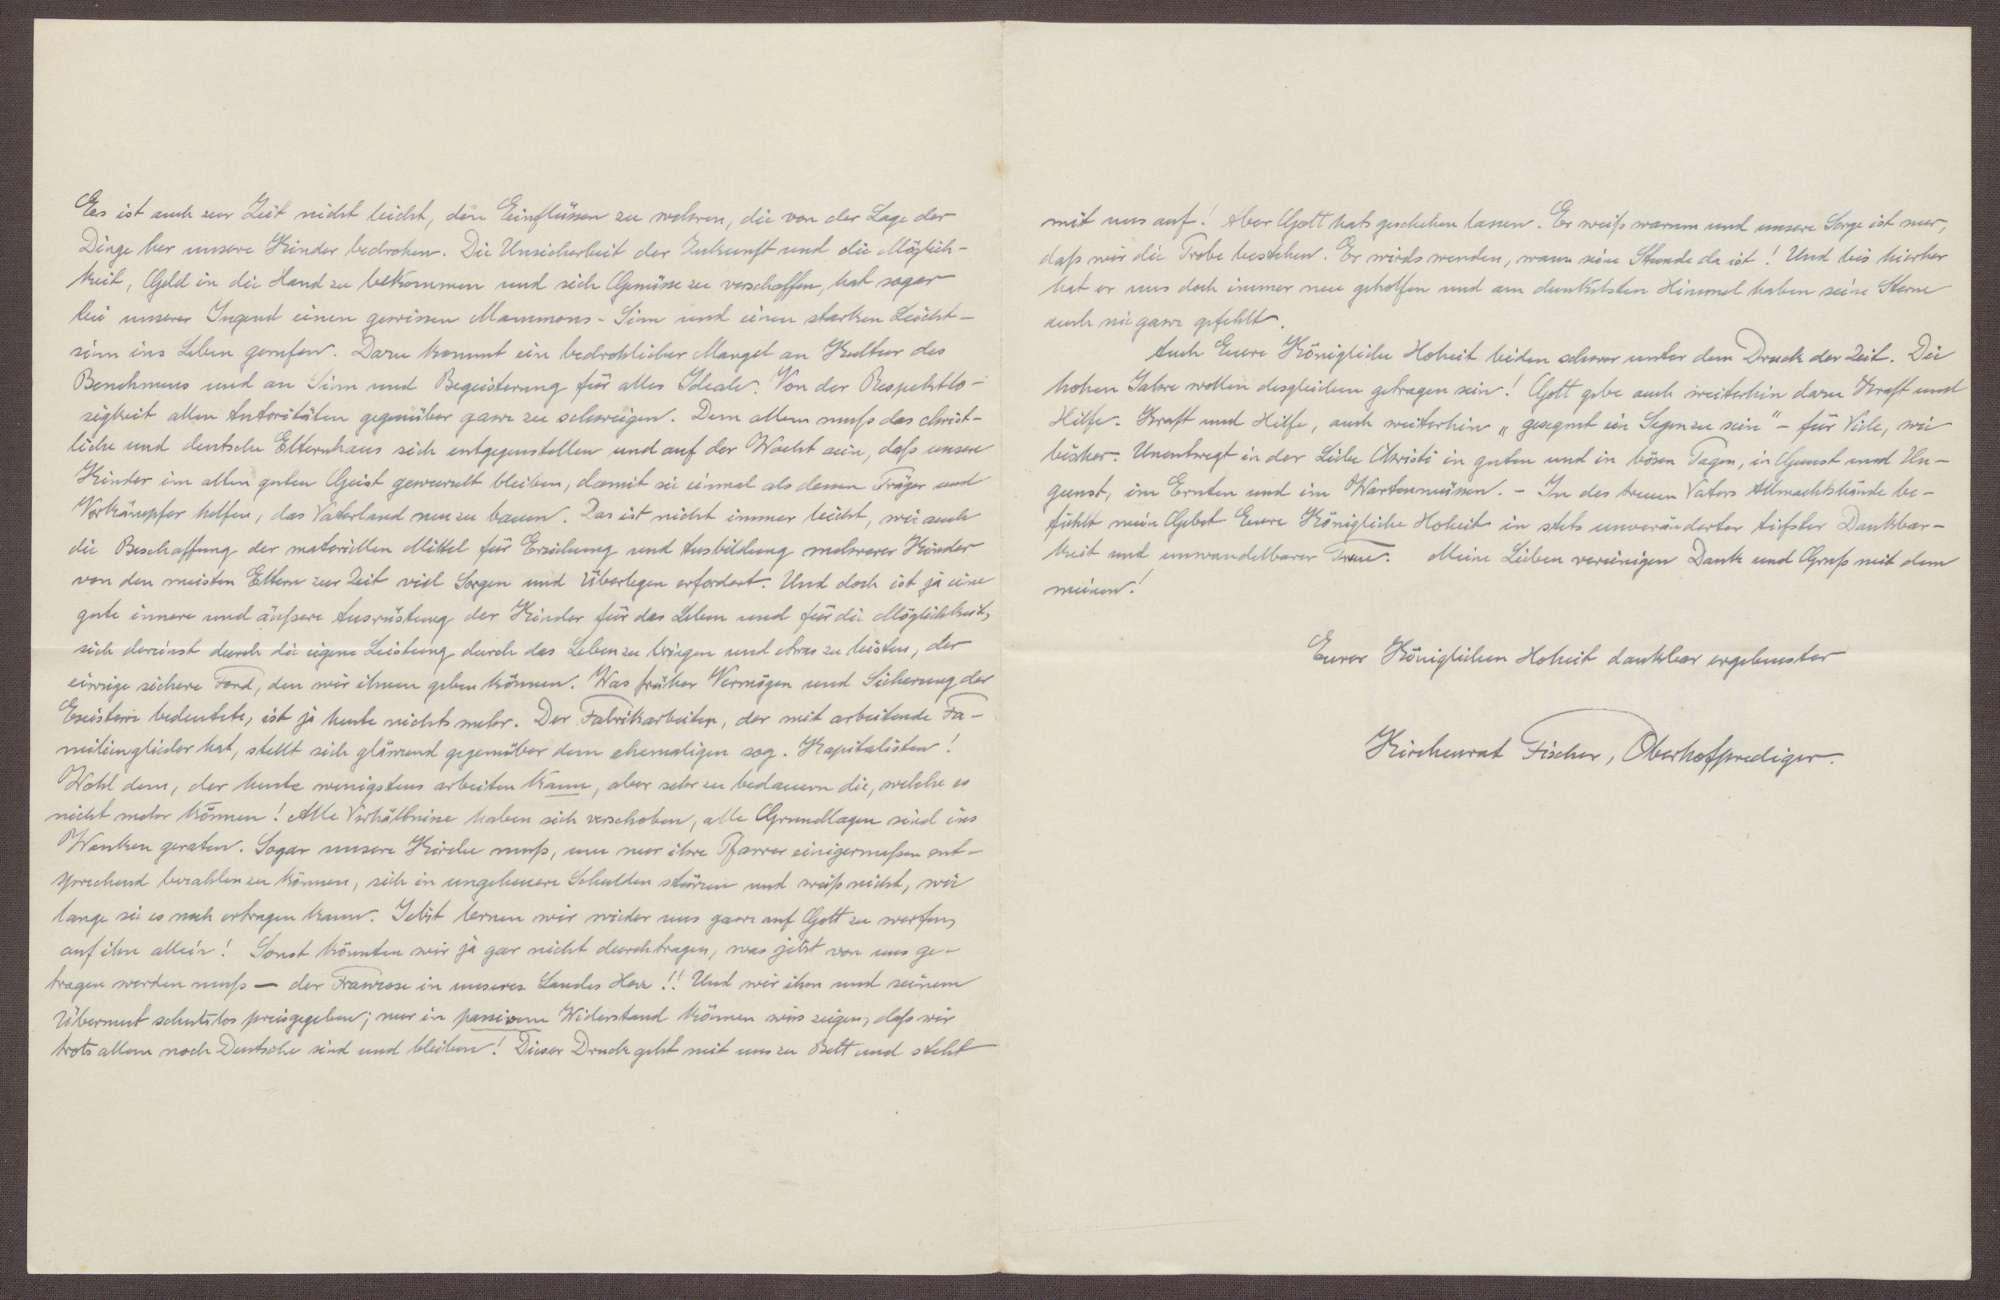 Schreiben von Ernst Fischer an die Großherzogin Luise; Bericht über die Kinder von Ernst Fischer und Reflexionen über den gesellschaftlichen Wandel, Bild 2